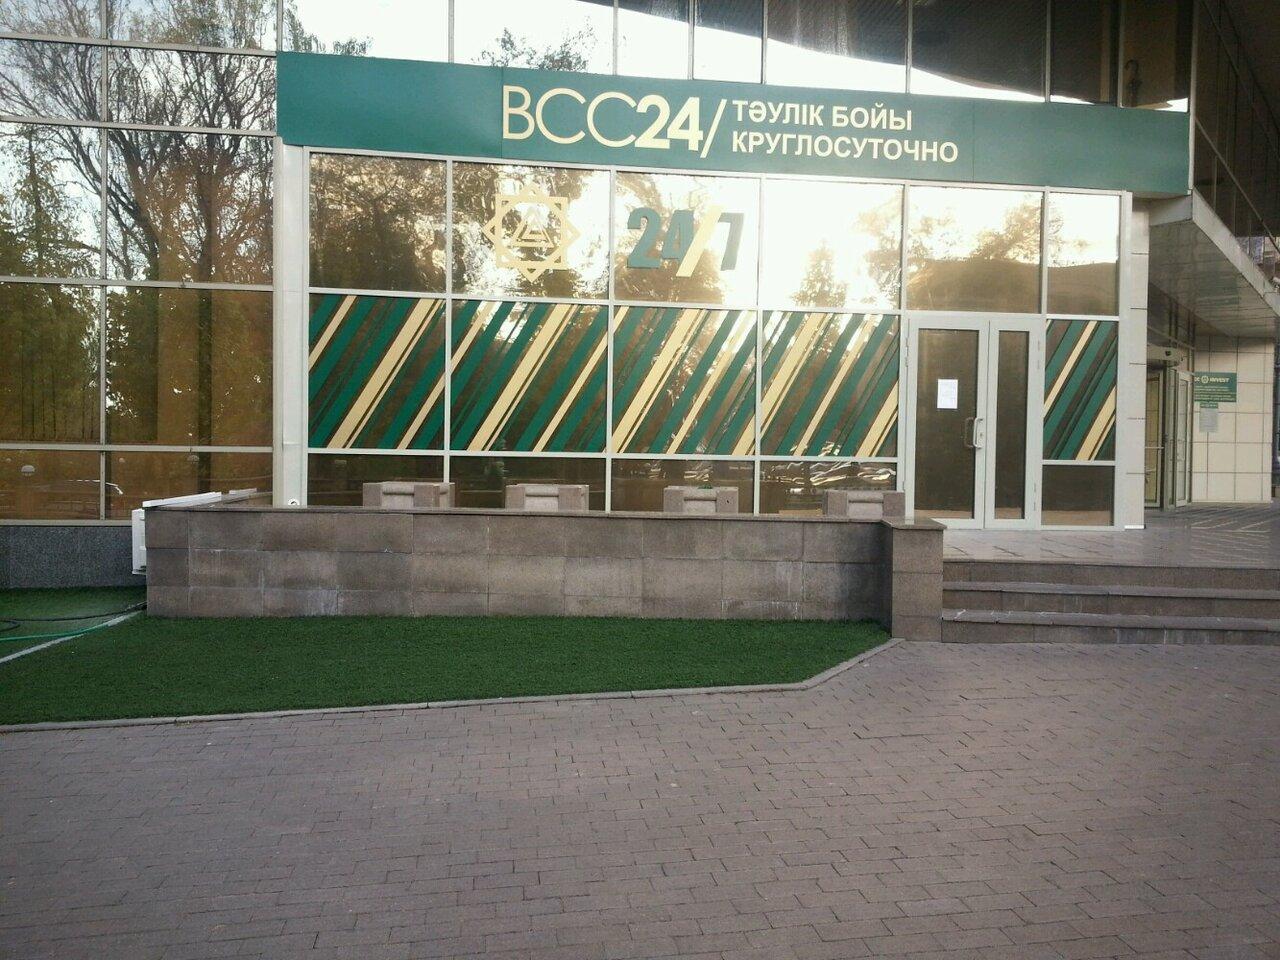 Банк «ЦентрКредит», банкомат в Алматы